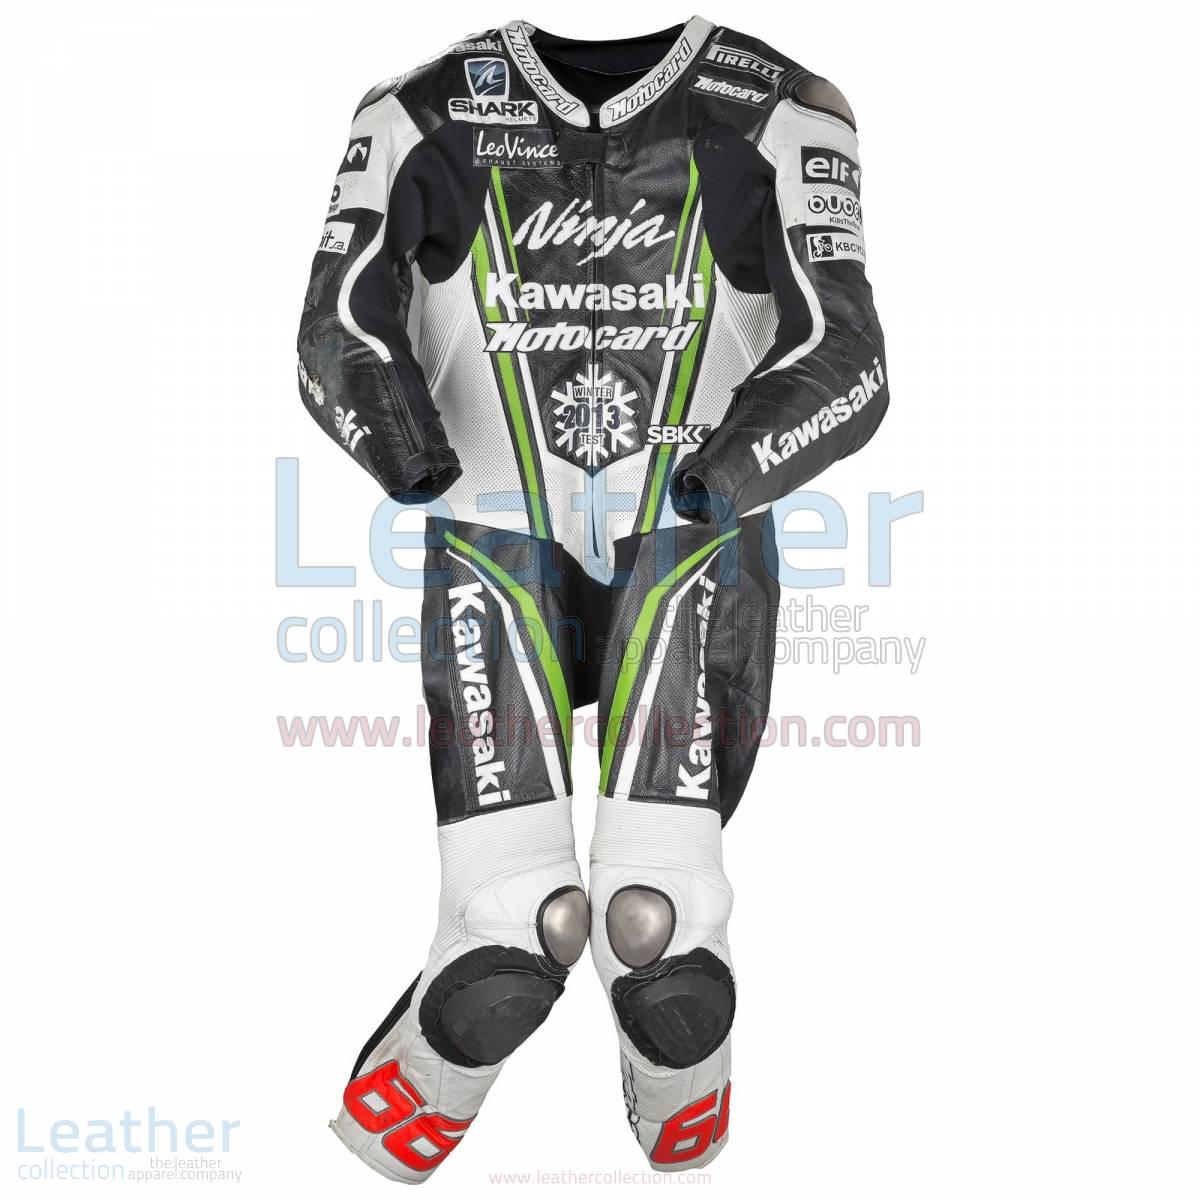 Tom Sykes Kawsaki 2012 Leathers –  Suit